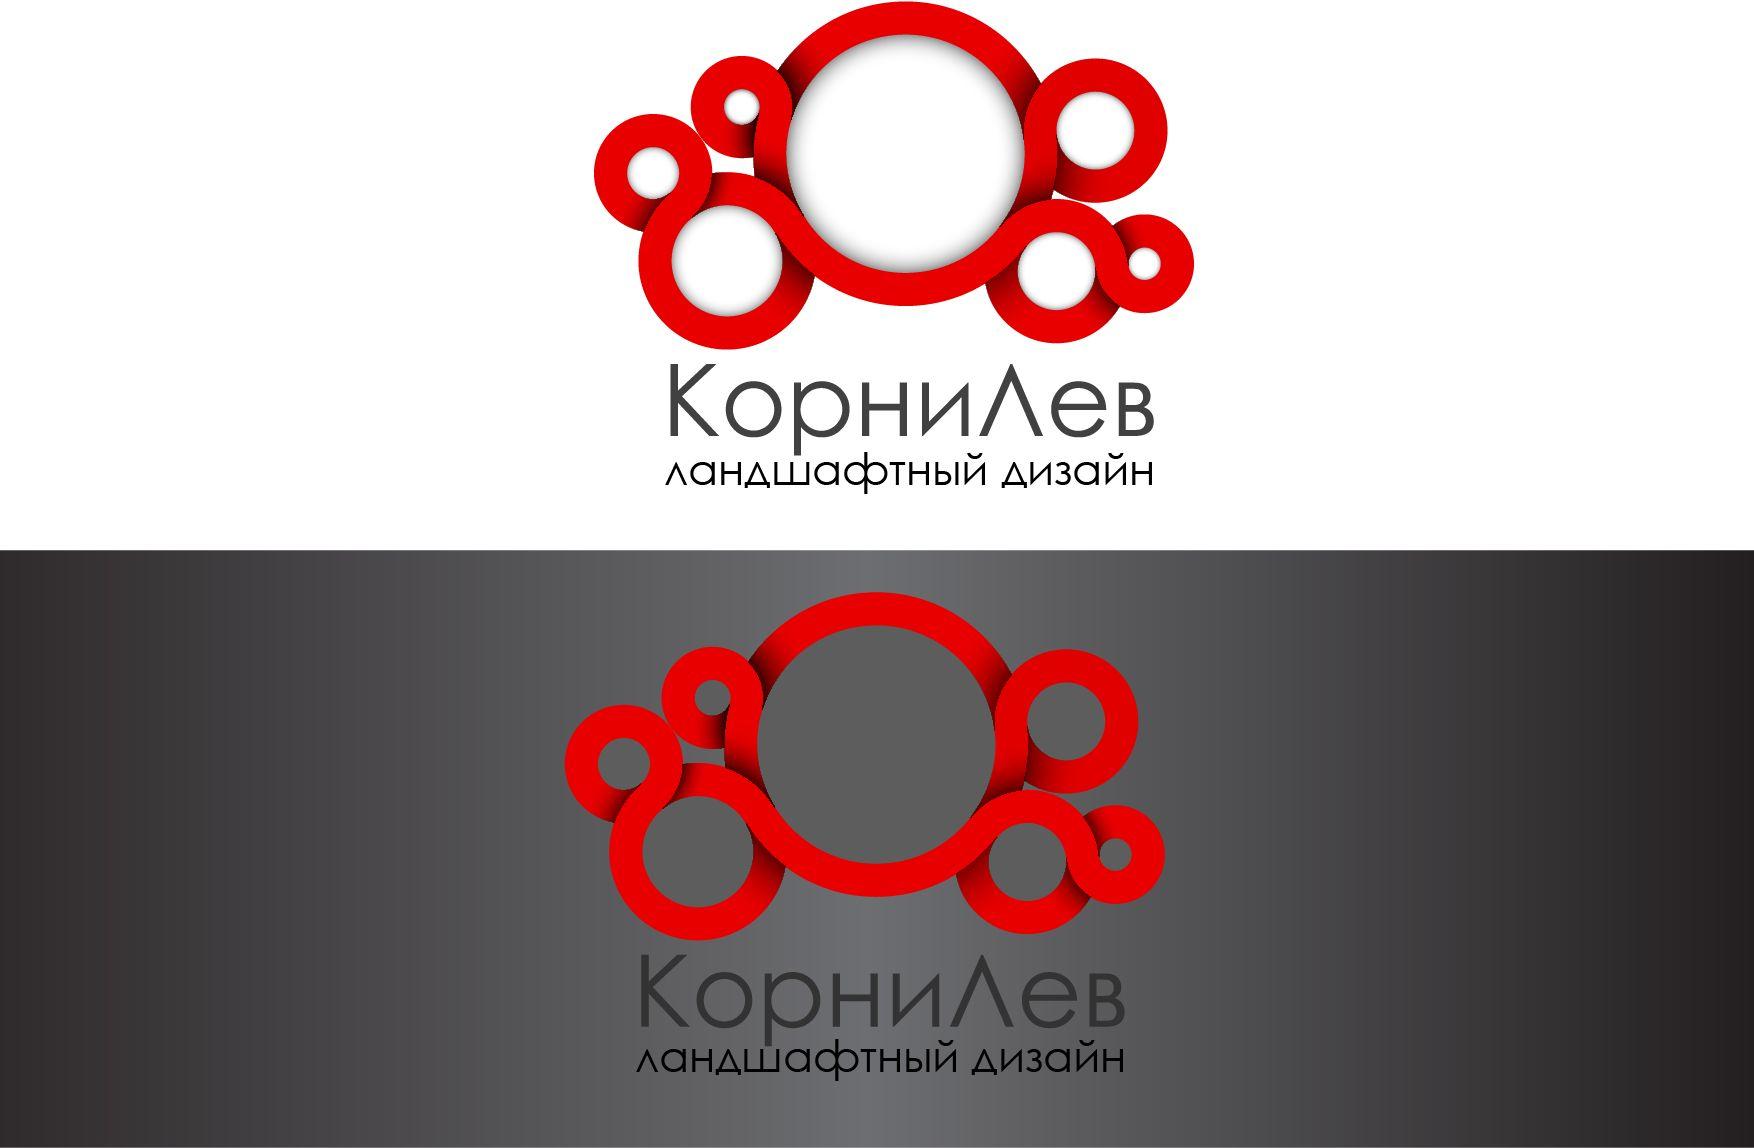 Логотип для компании КорниЛев - дизайнер markosov